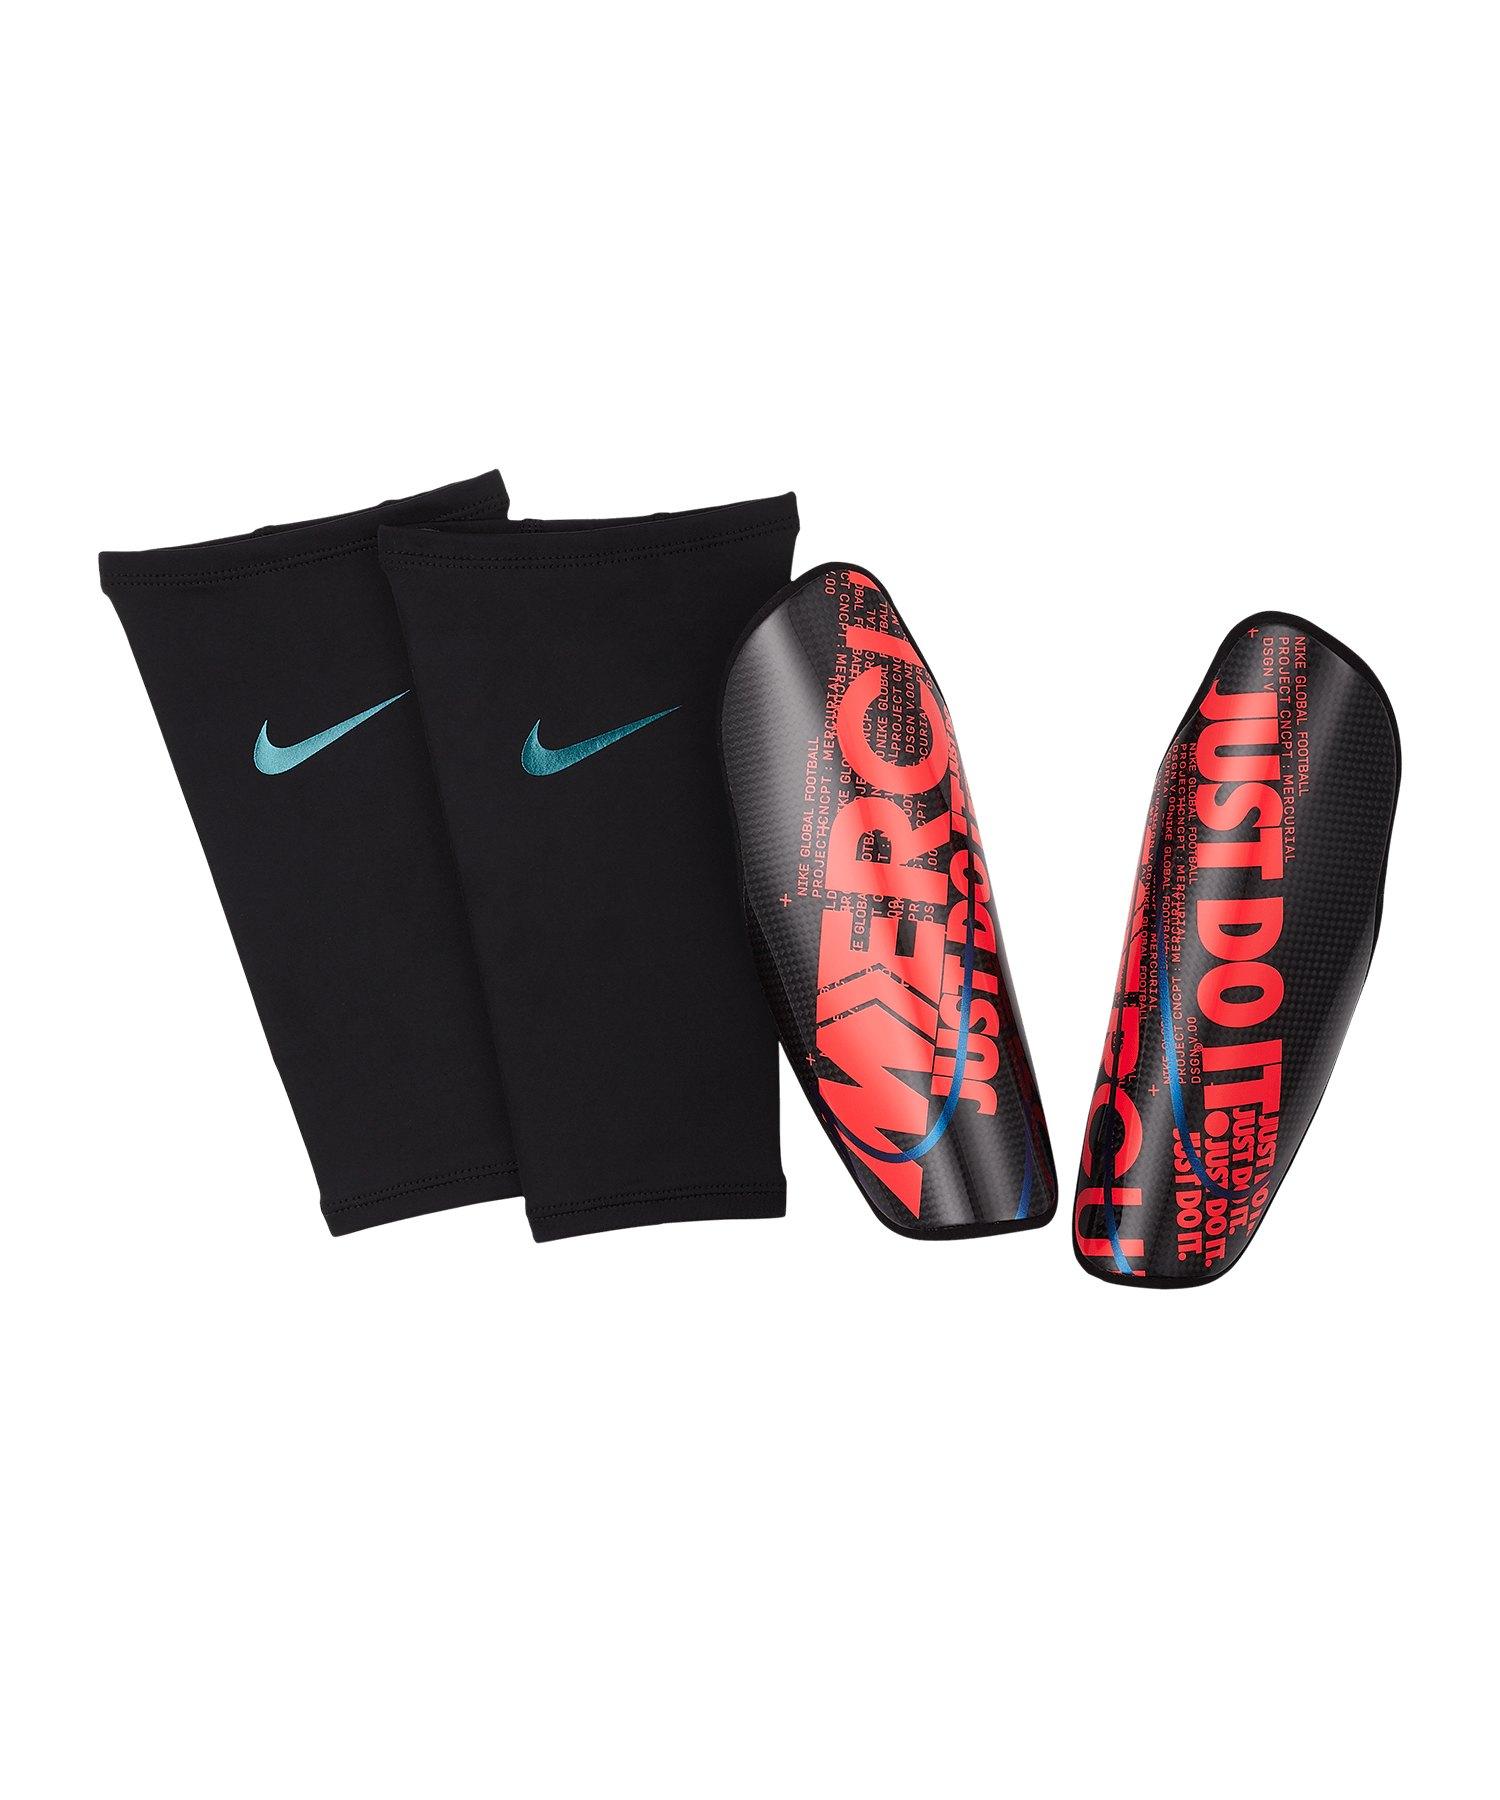 Nike Protegga Attack Elite Schienbeinschoner F014 - schwarz